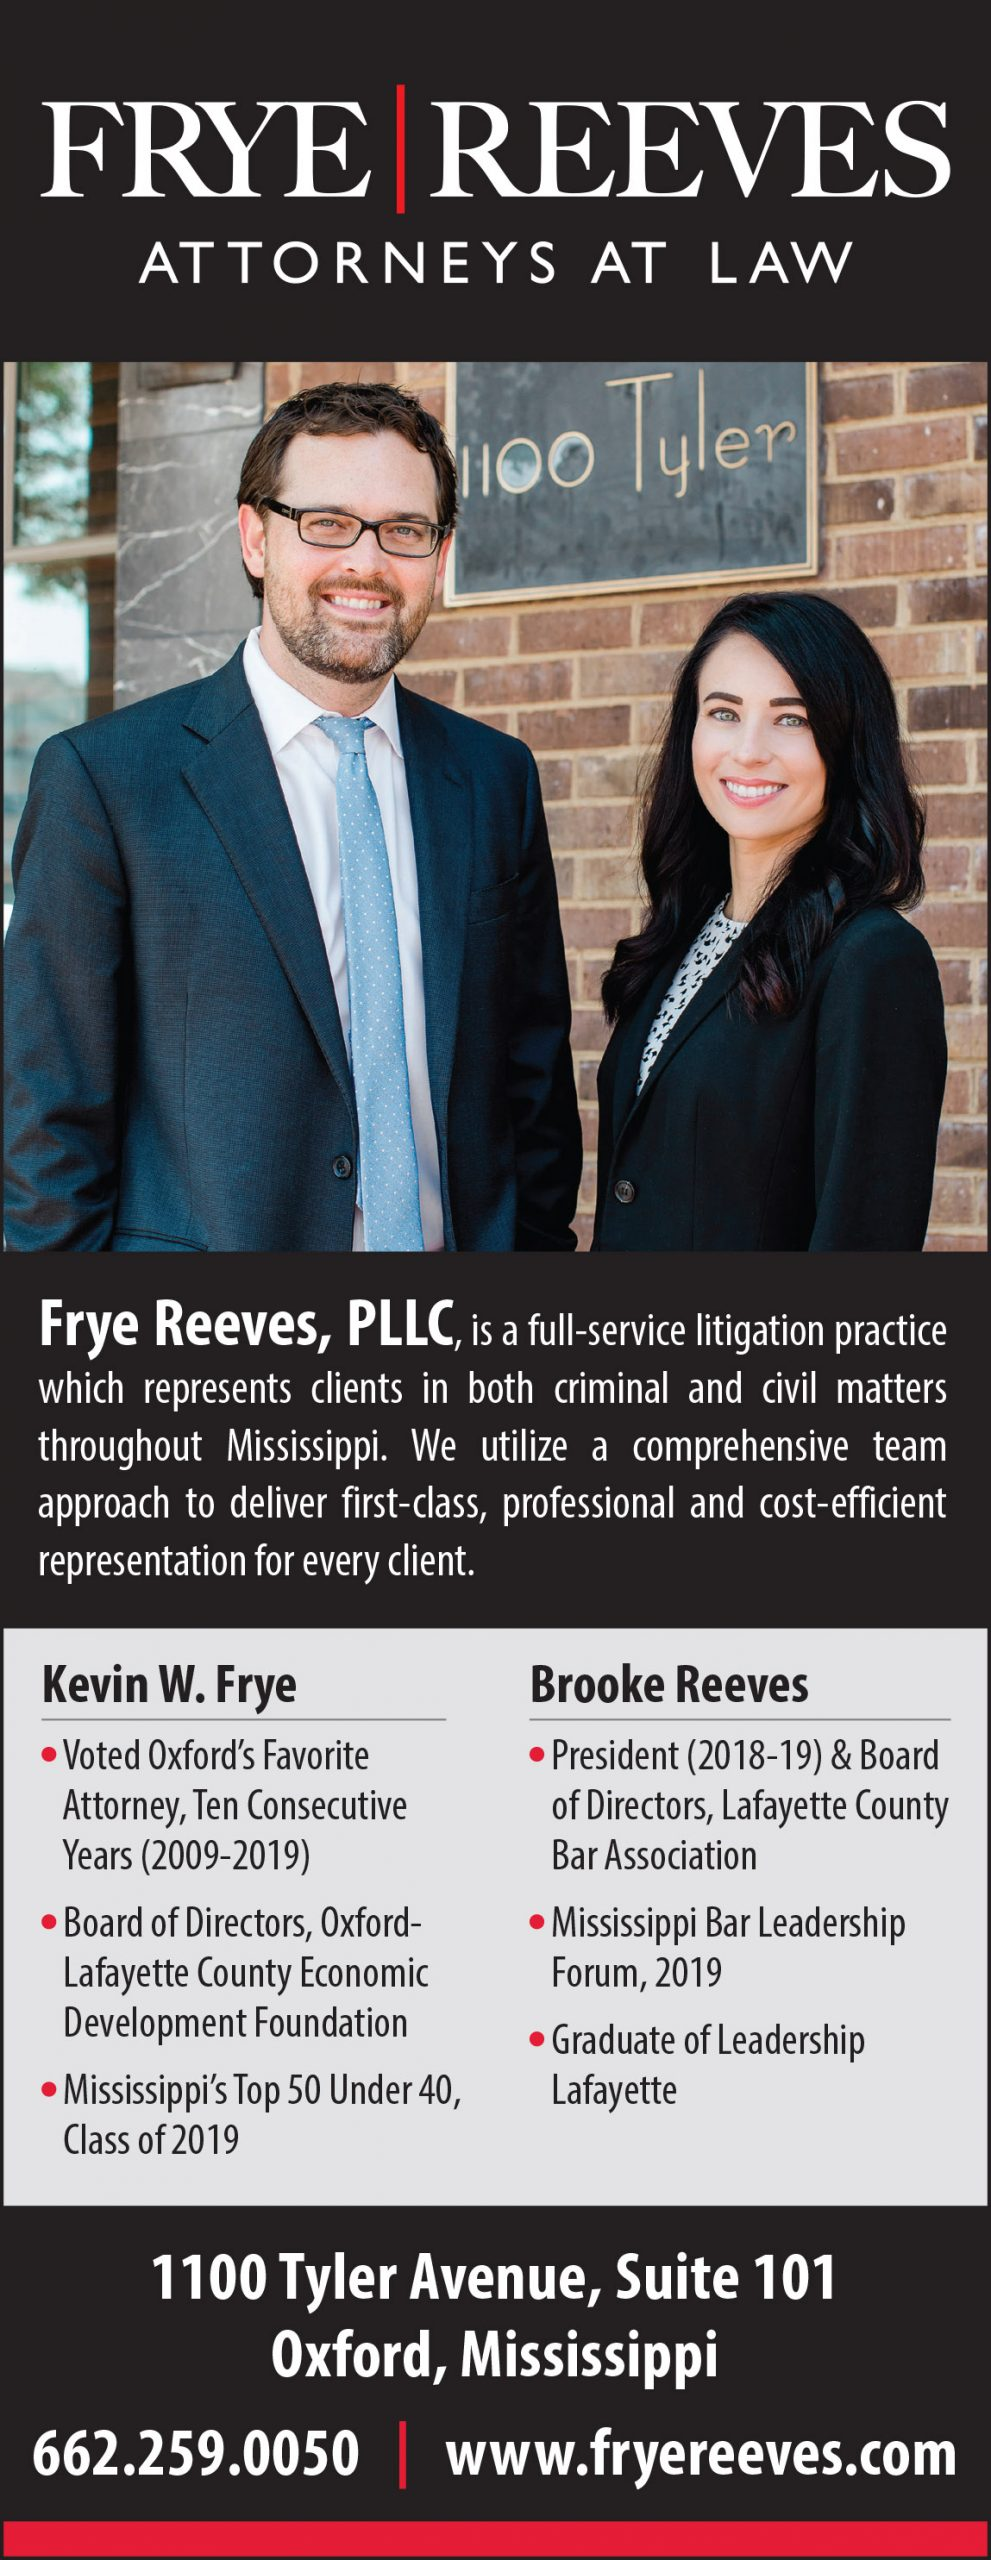 Frye Reeves